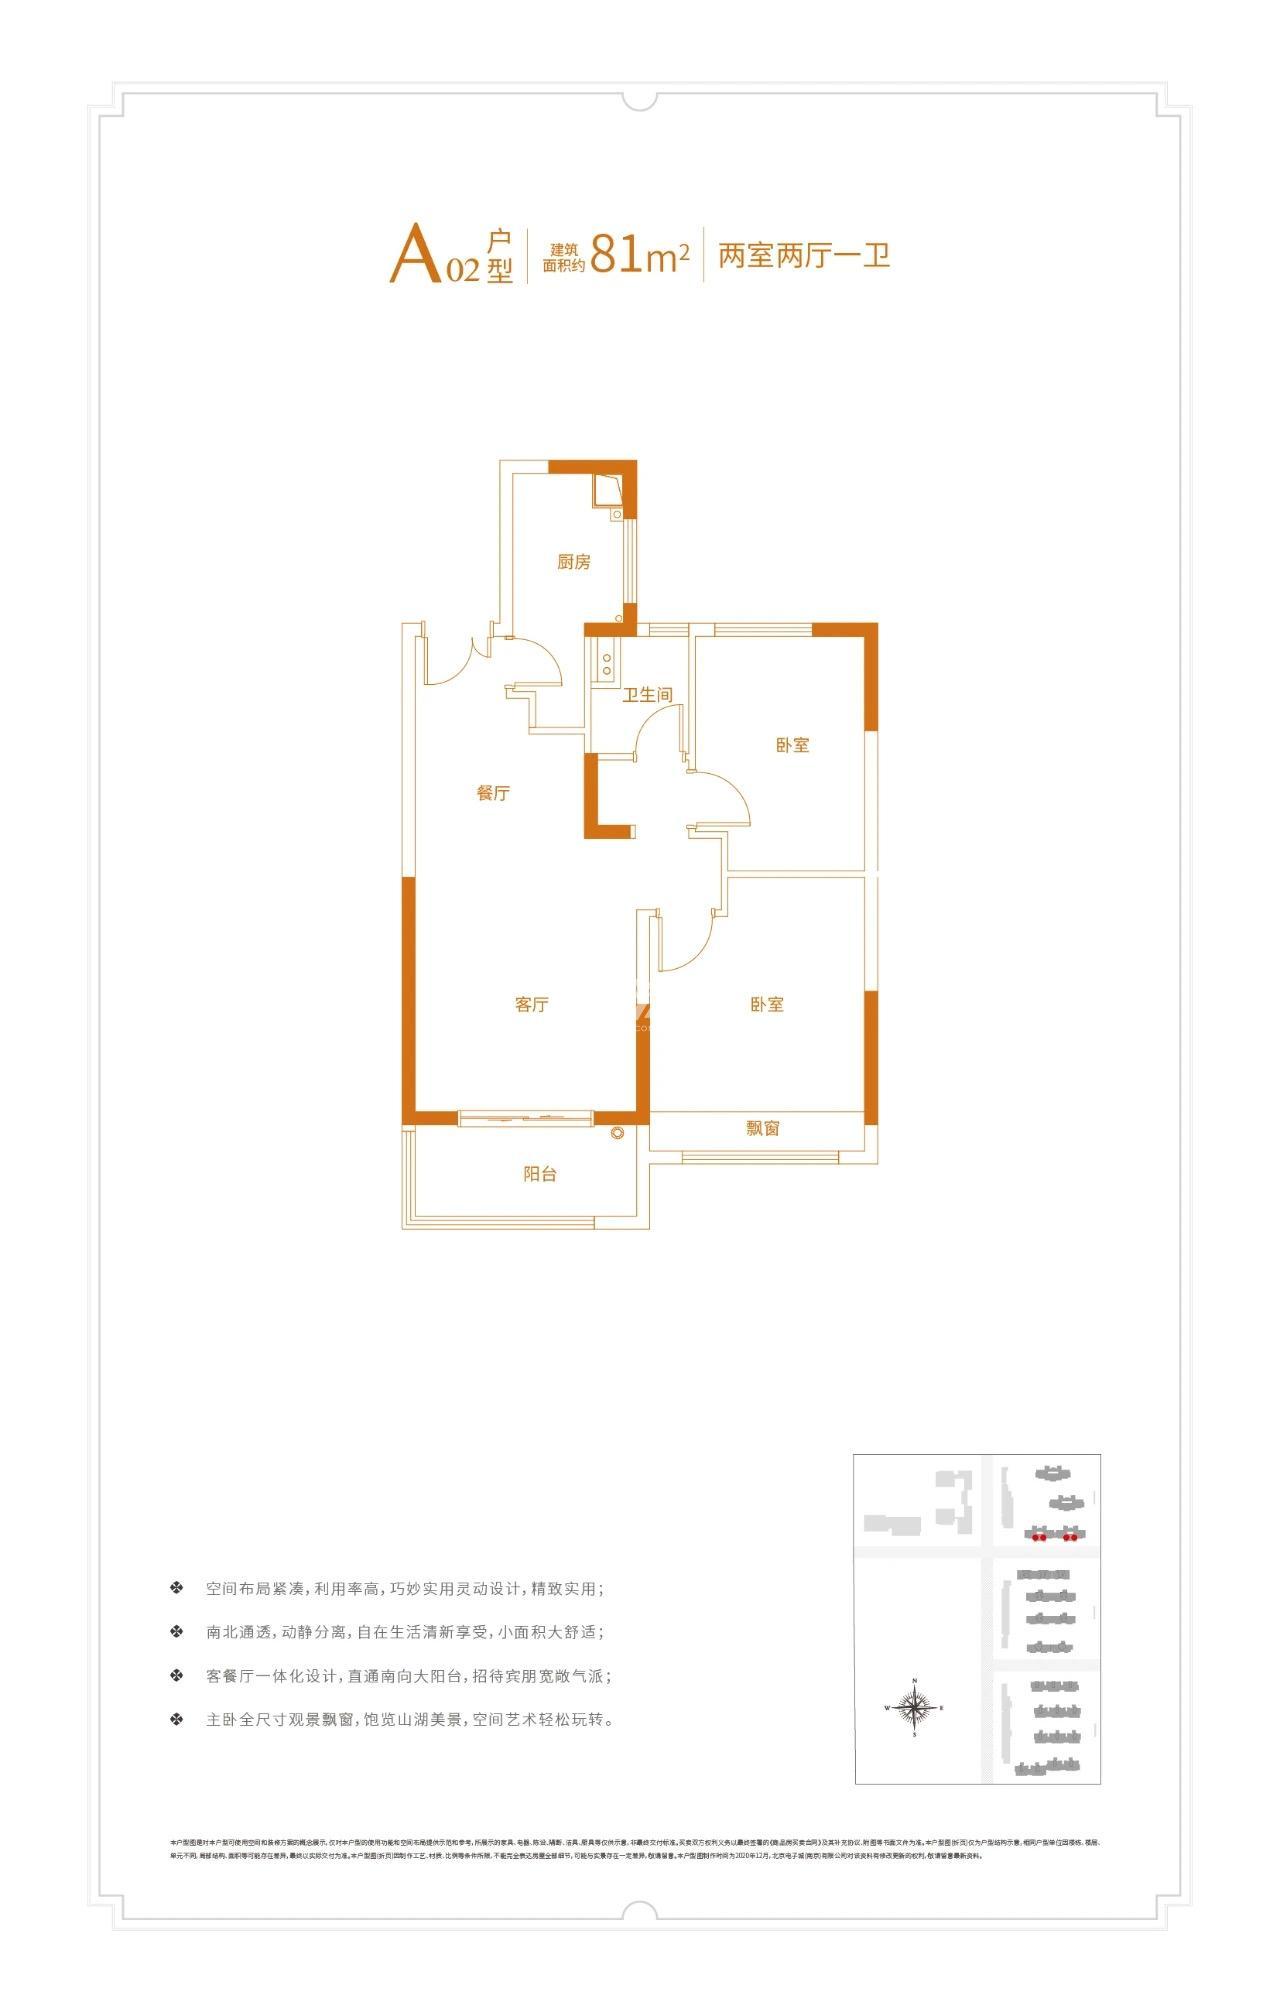 紫金悦峯A02户型约81㎡户型图